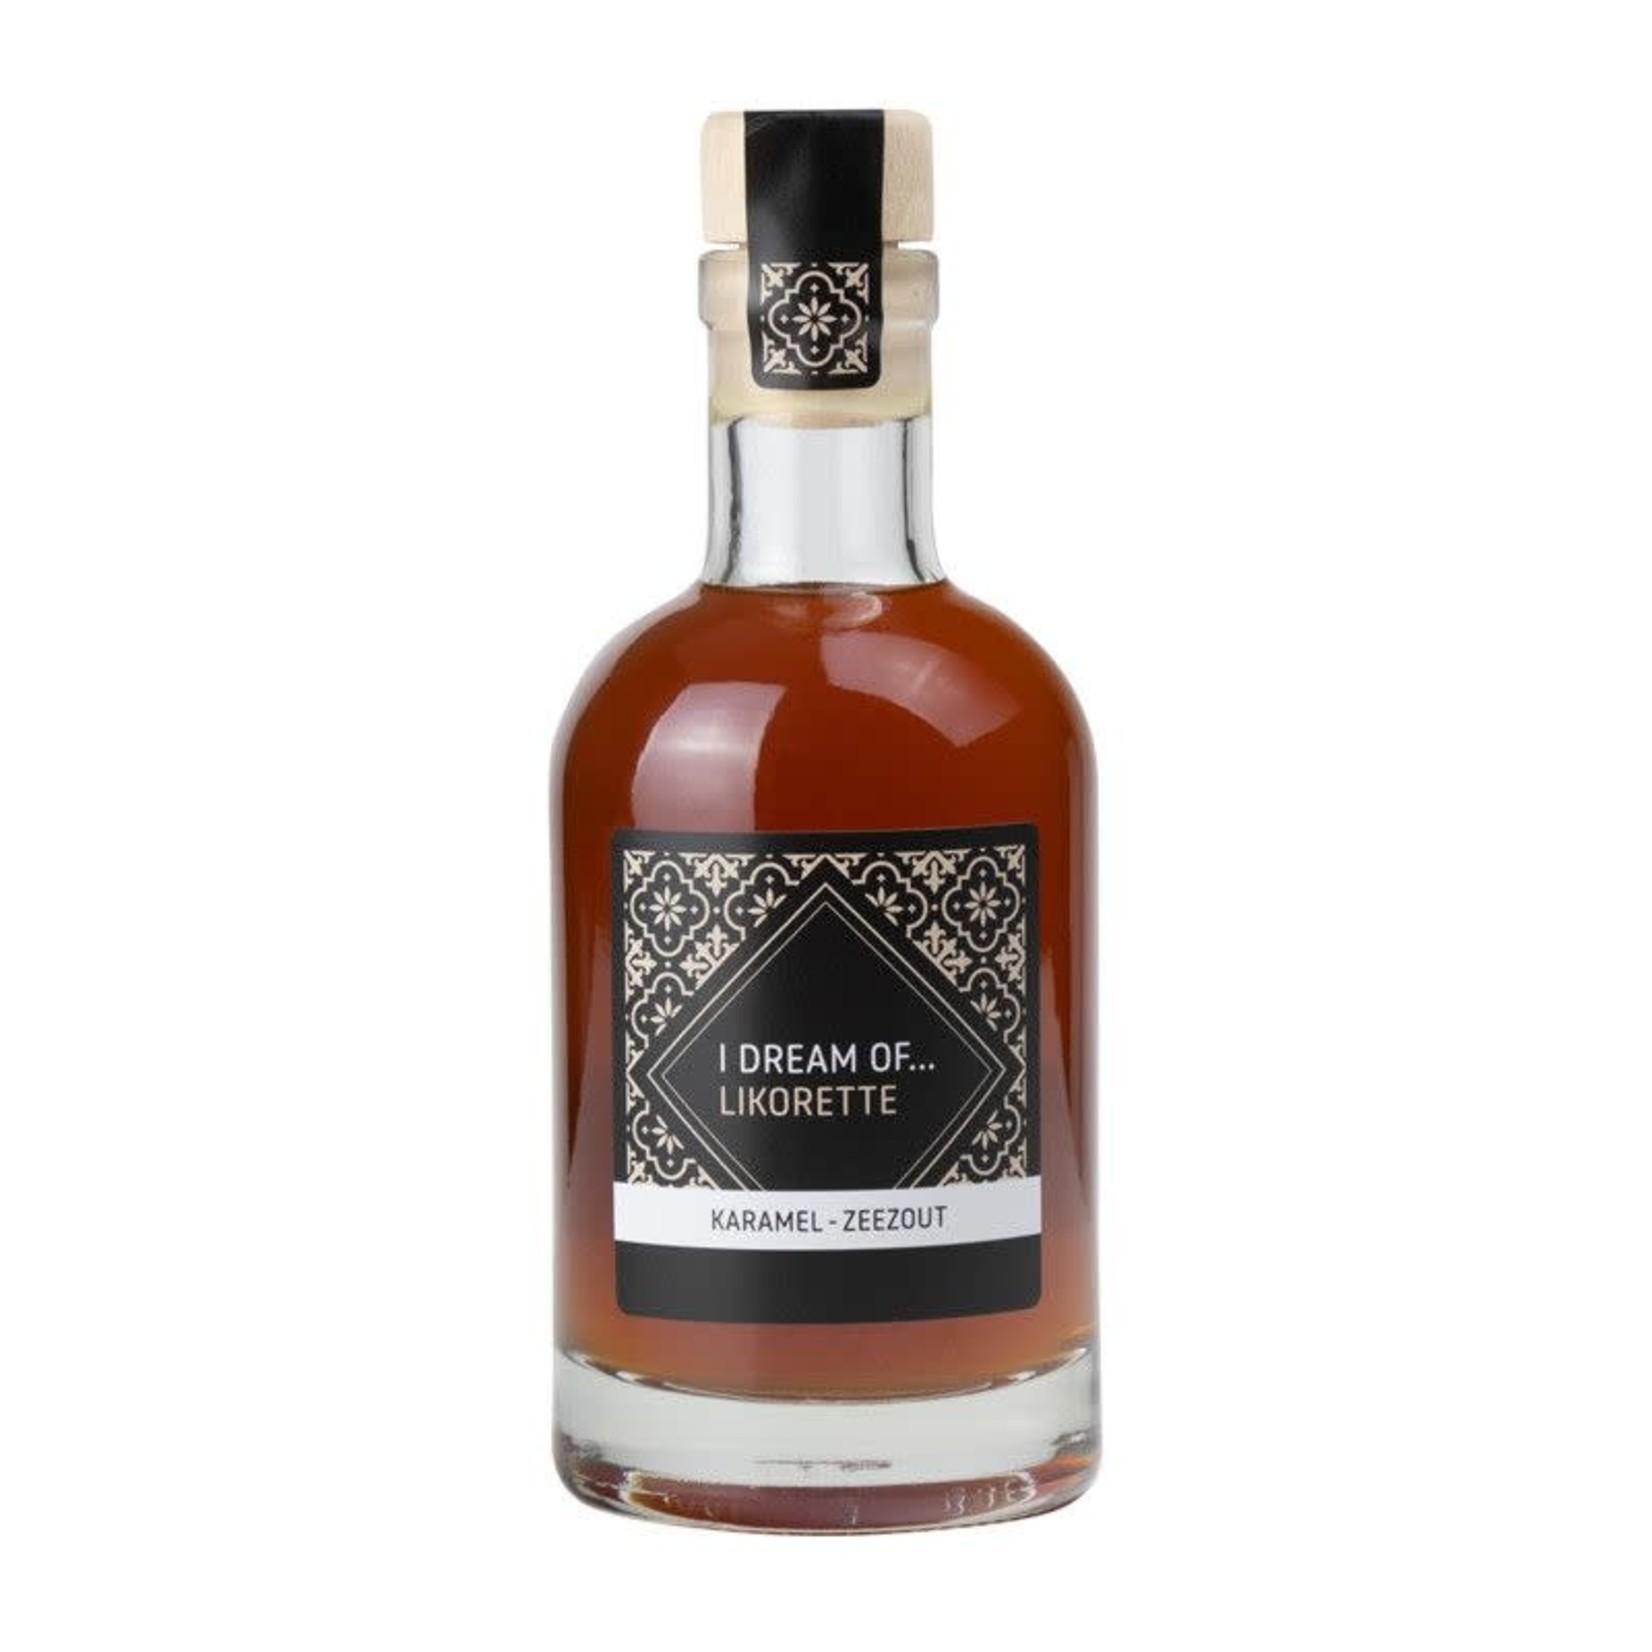 Foodelious IDO Karamel-zeezout Likorette 200ml